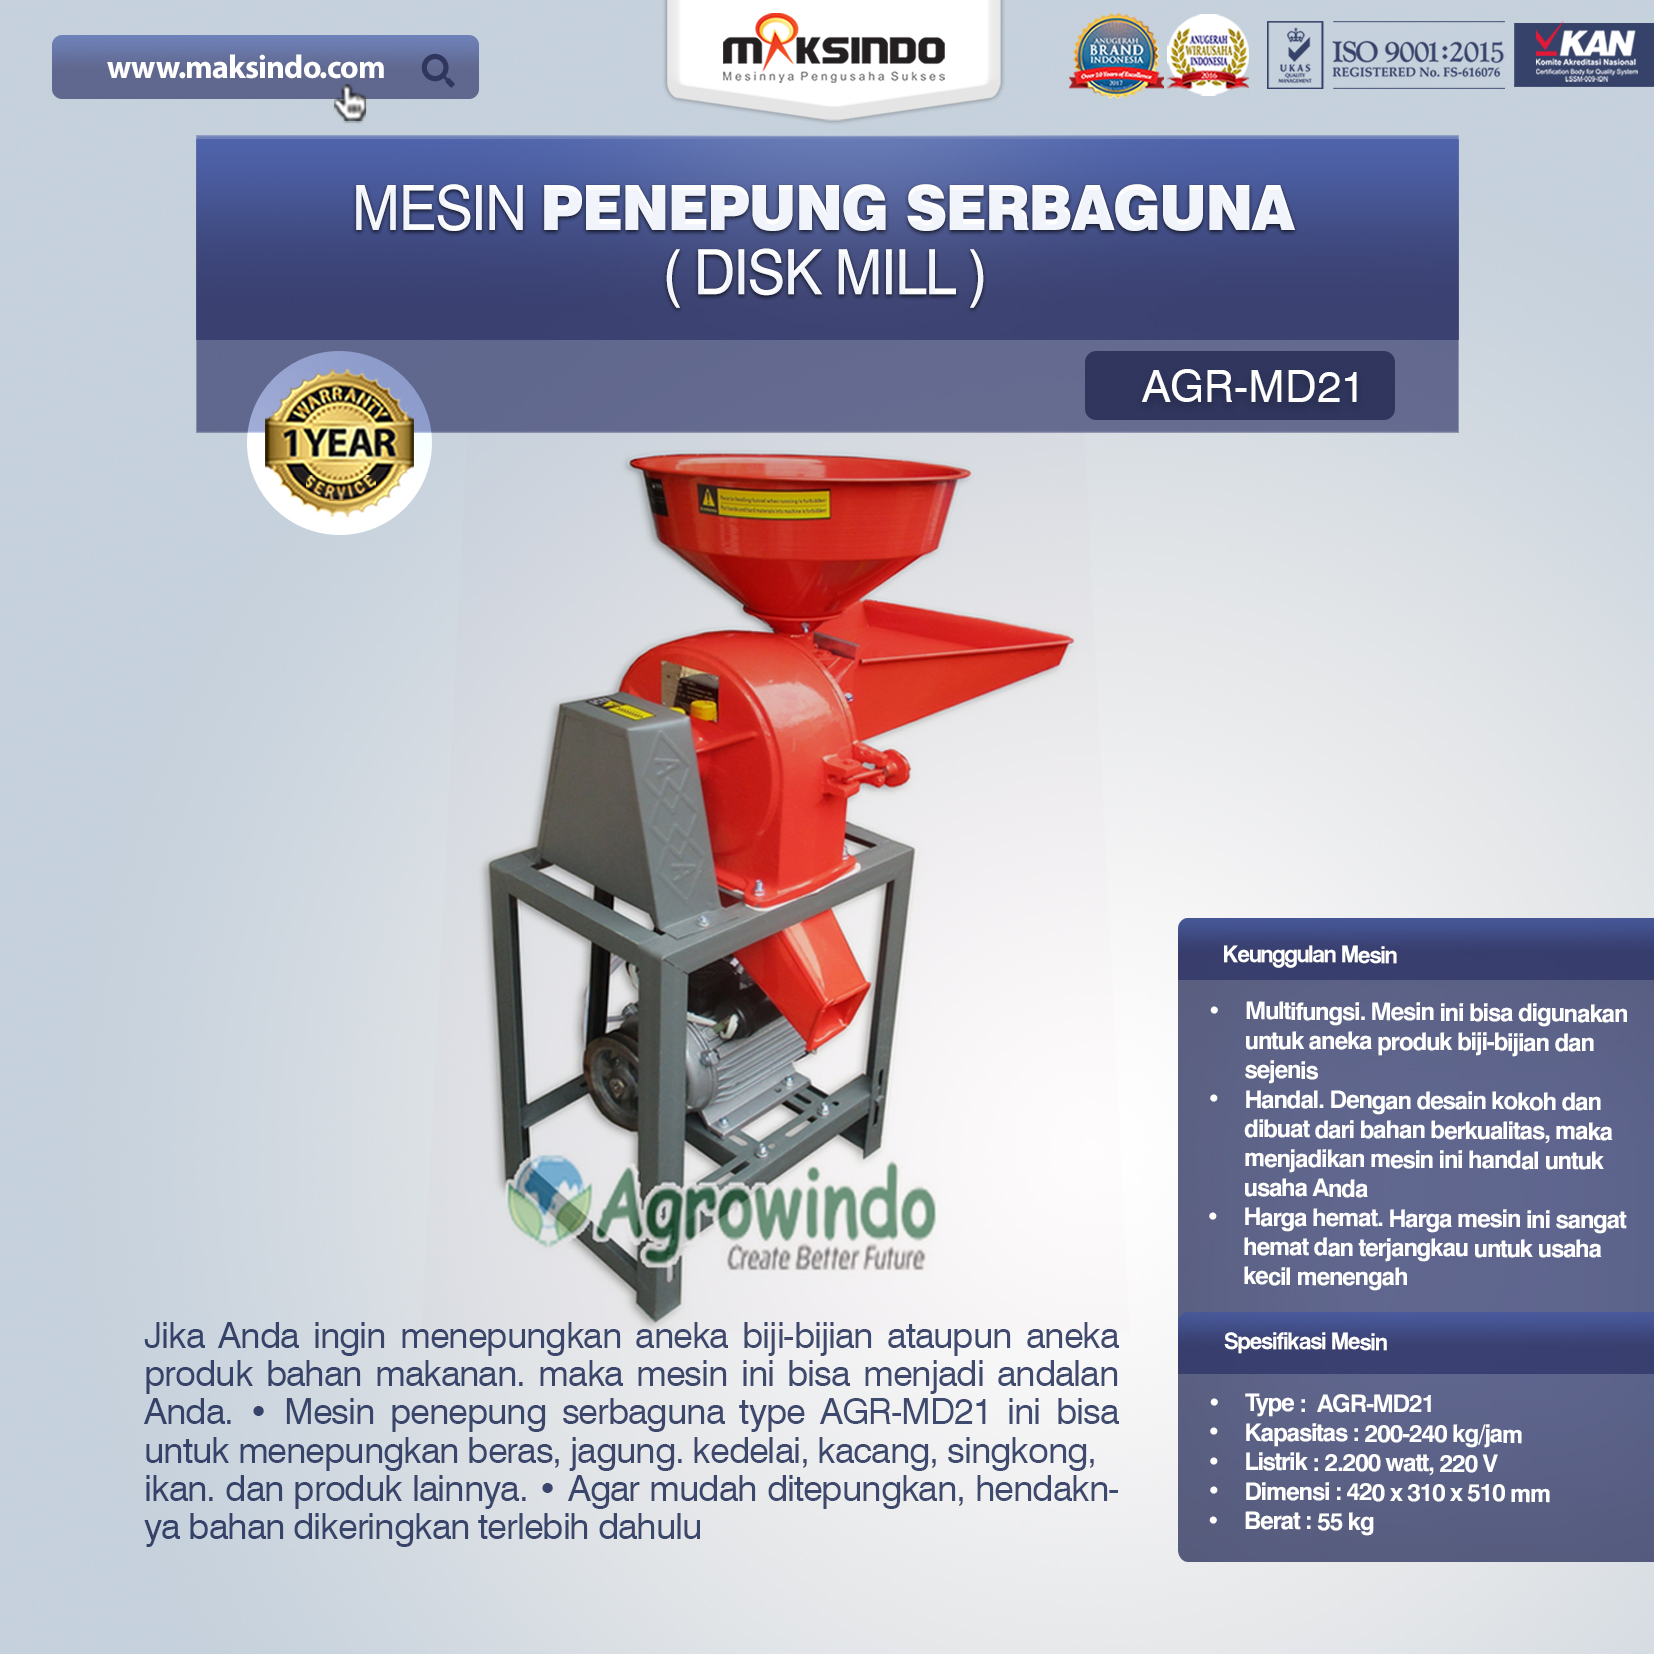 Jual Penepung Disk Mill Serbaguna (AGR-MD21) di Medan